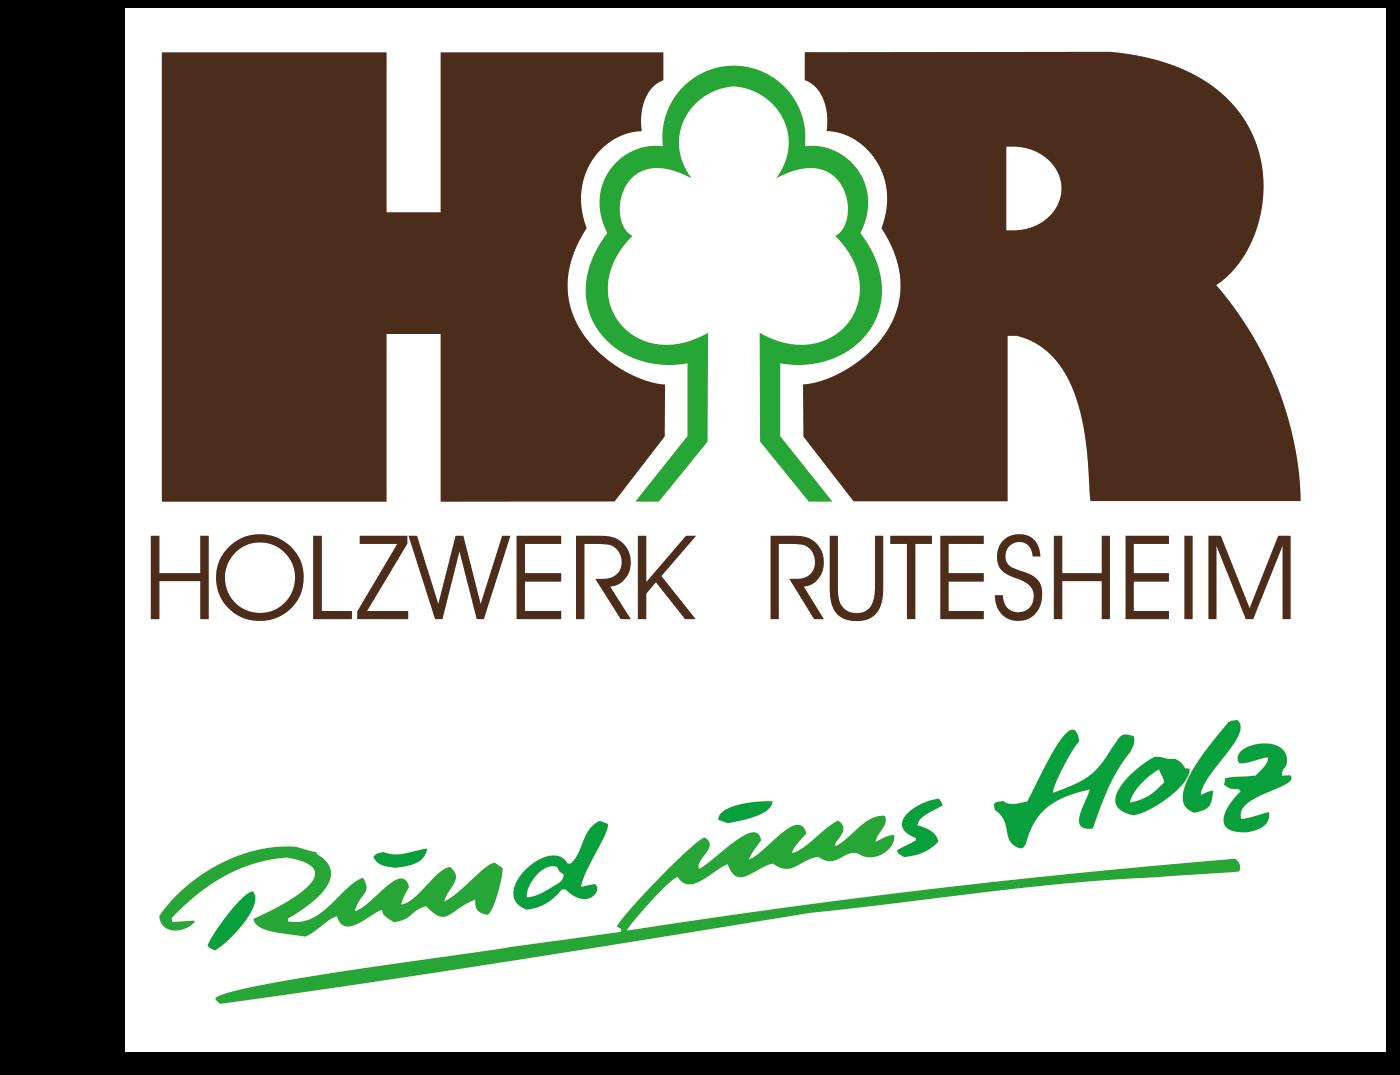 Holzwerk Rutesheim GmbH Rutesheim